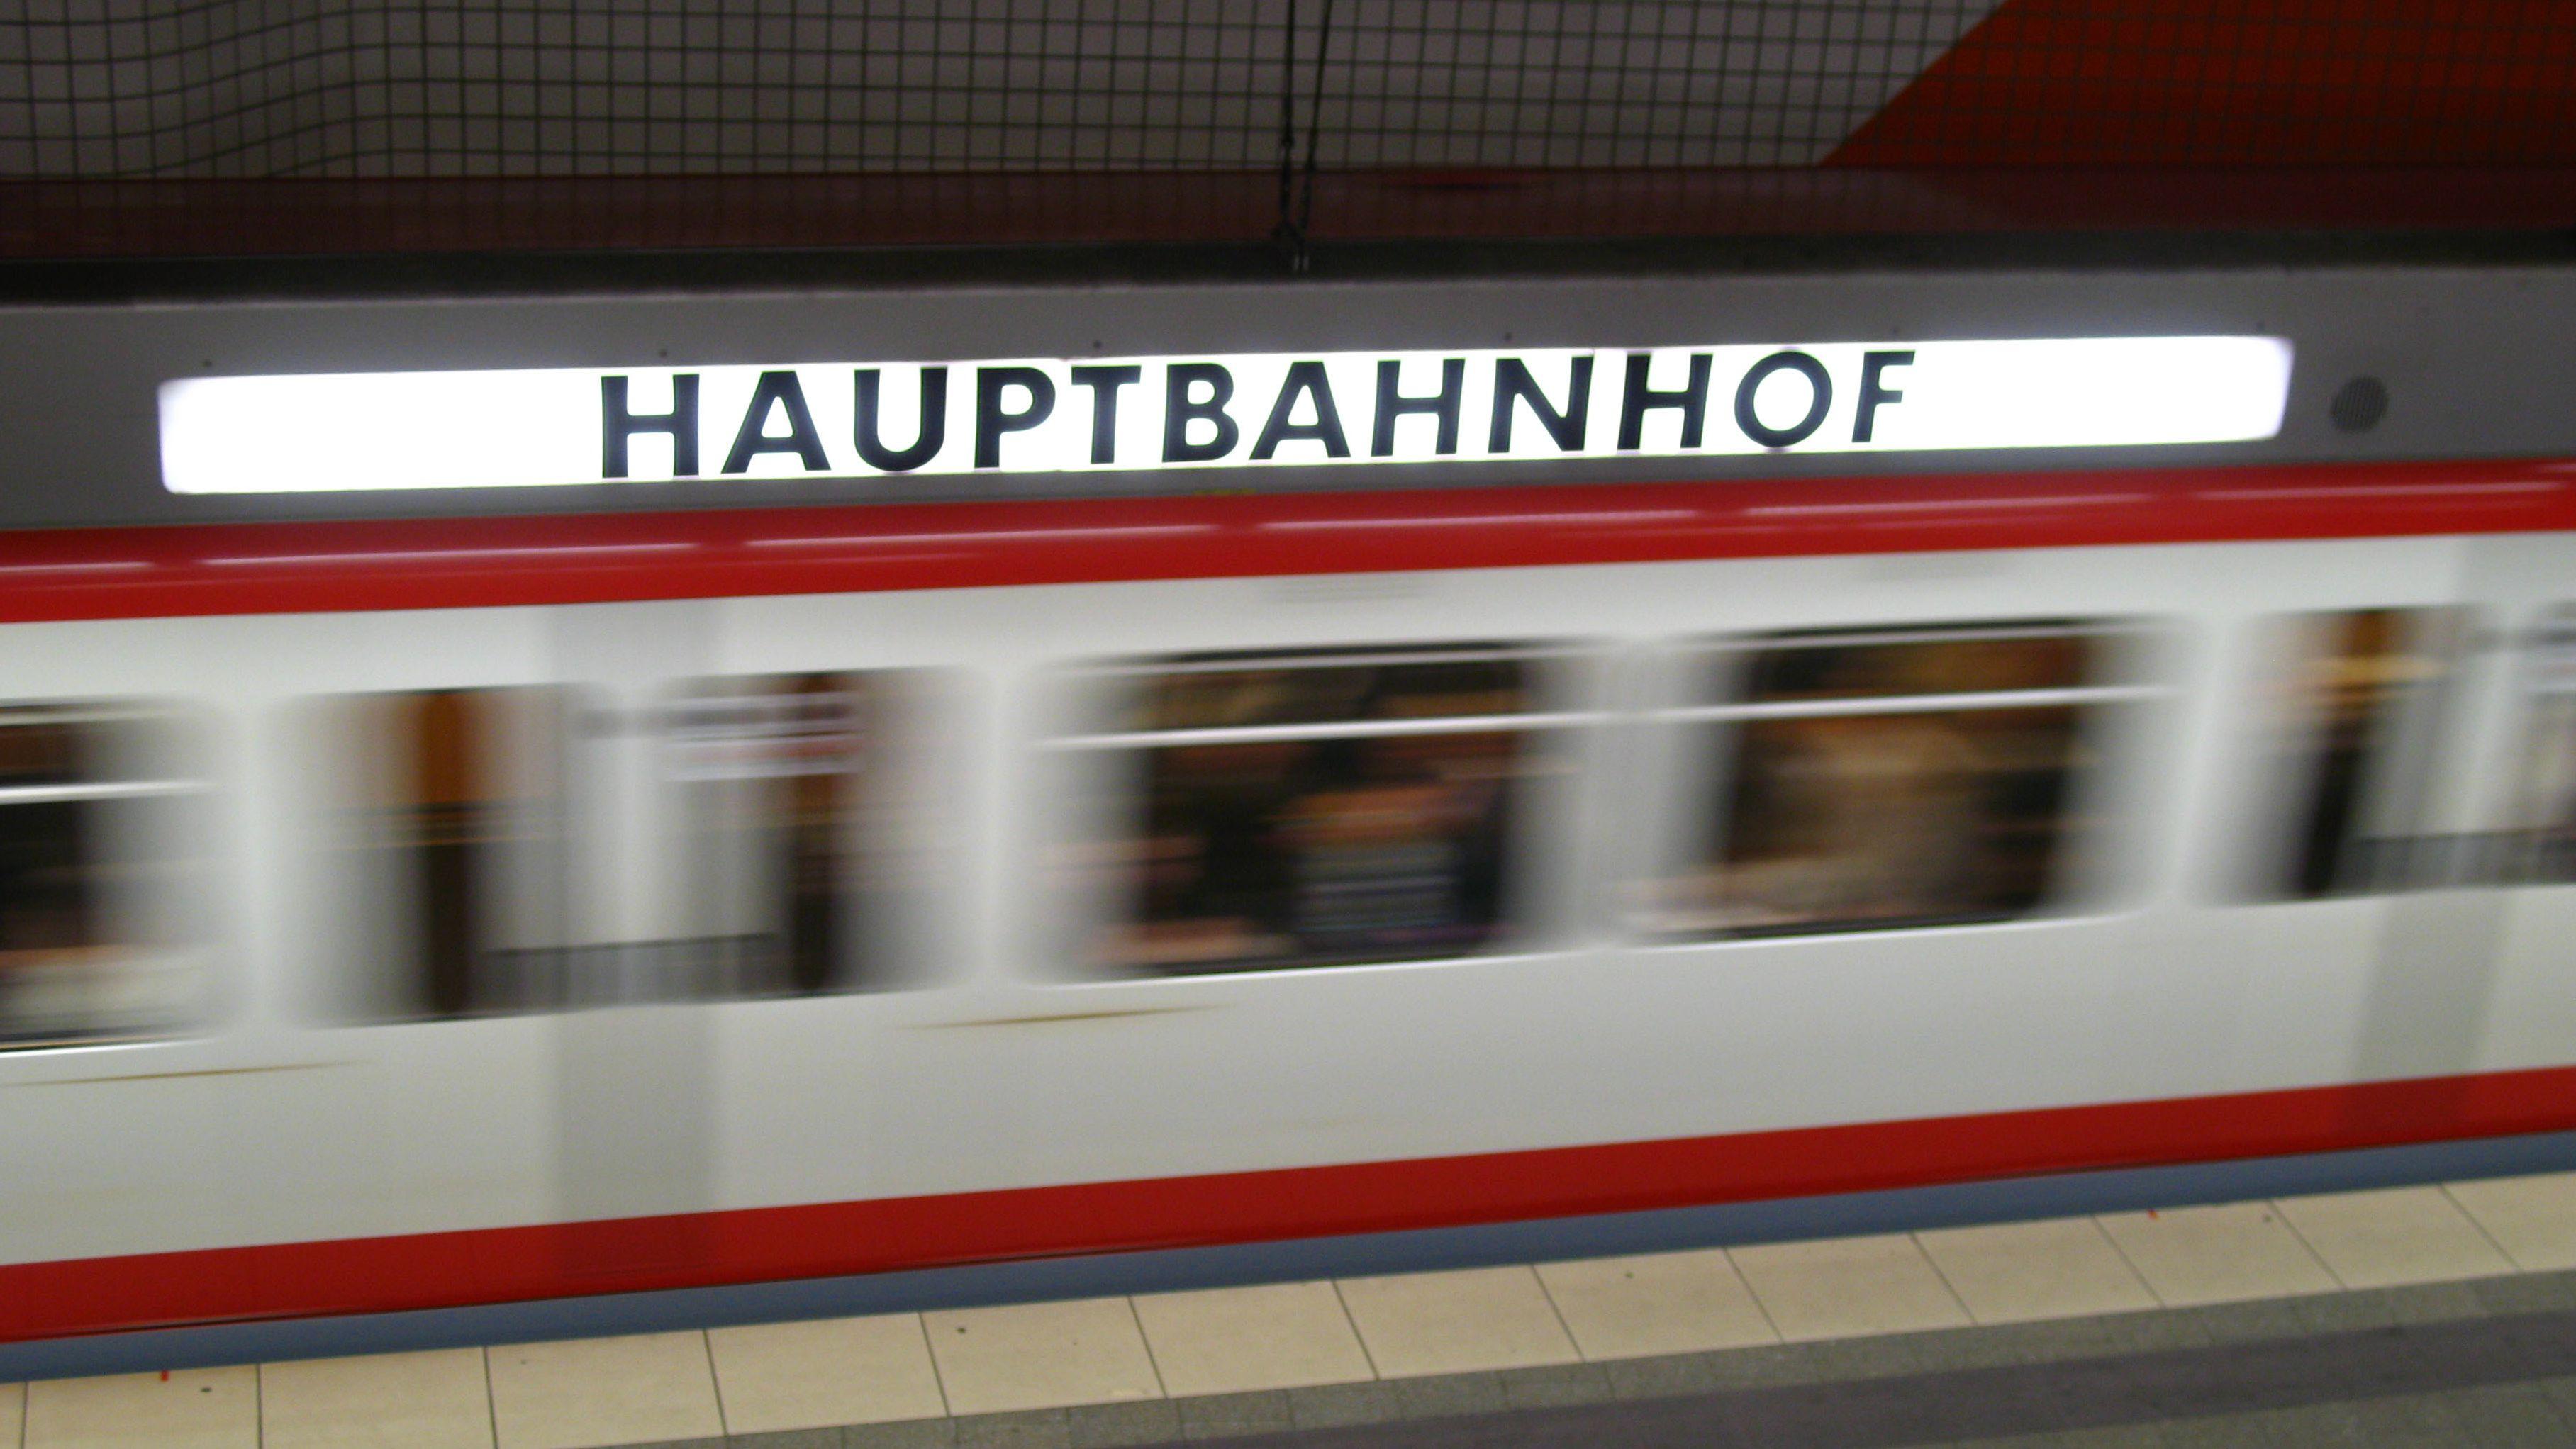 Bei einem Streit im Nürnberger Hauptbahnhoft wurde ein Mann auf die Gleise gestoßen und von einem Triebwagen eingeklemmt. Er überlebte schwer verletzt